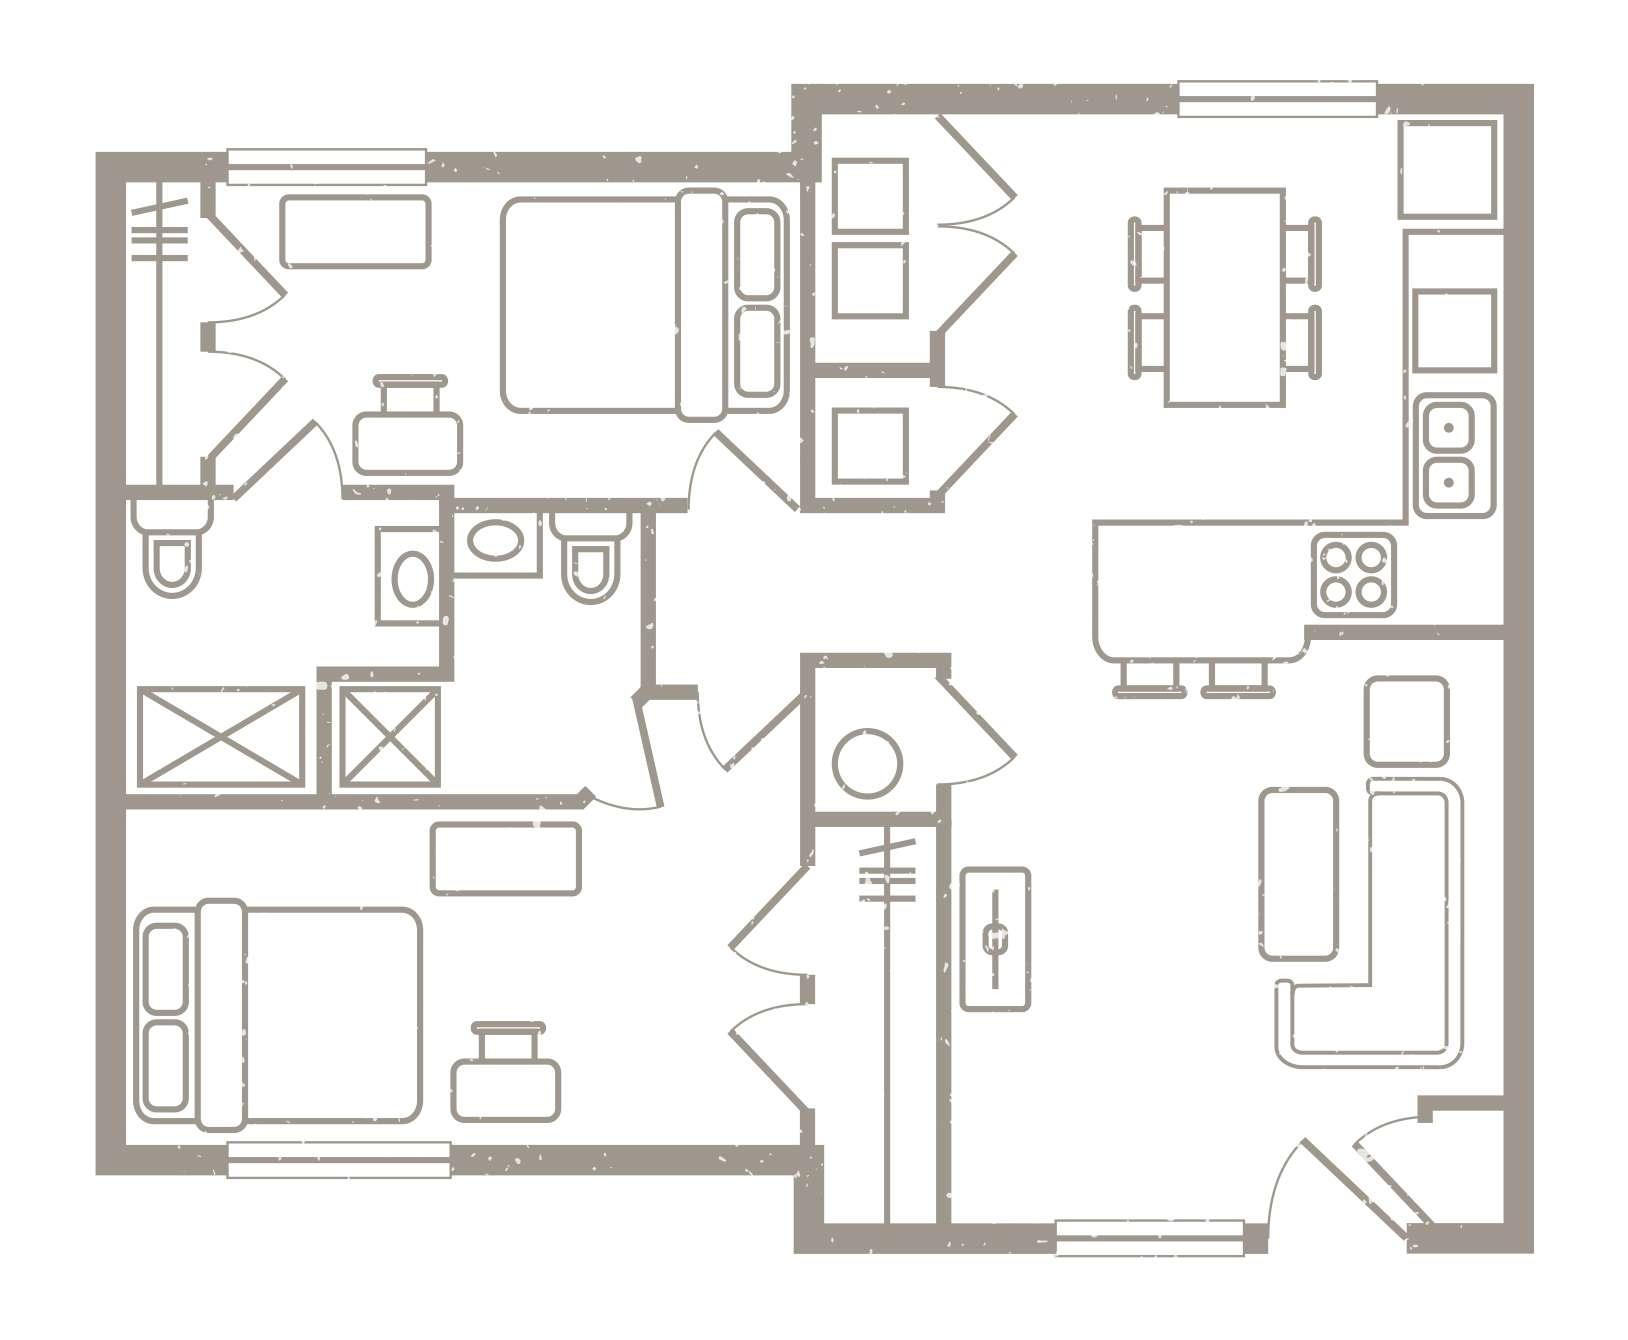 2 Bedroom Floorplan 3